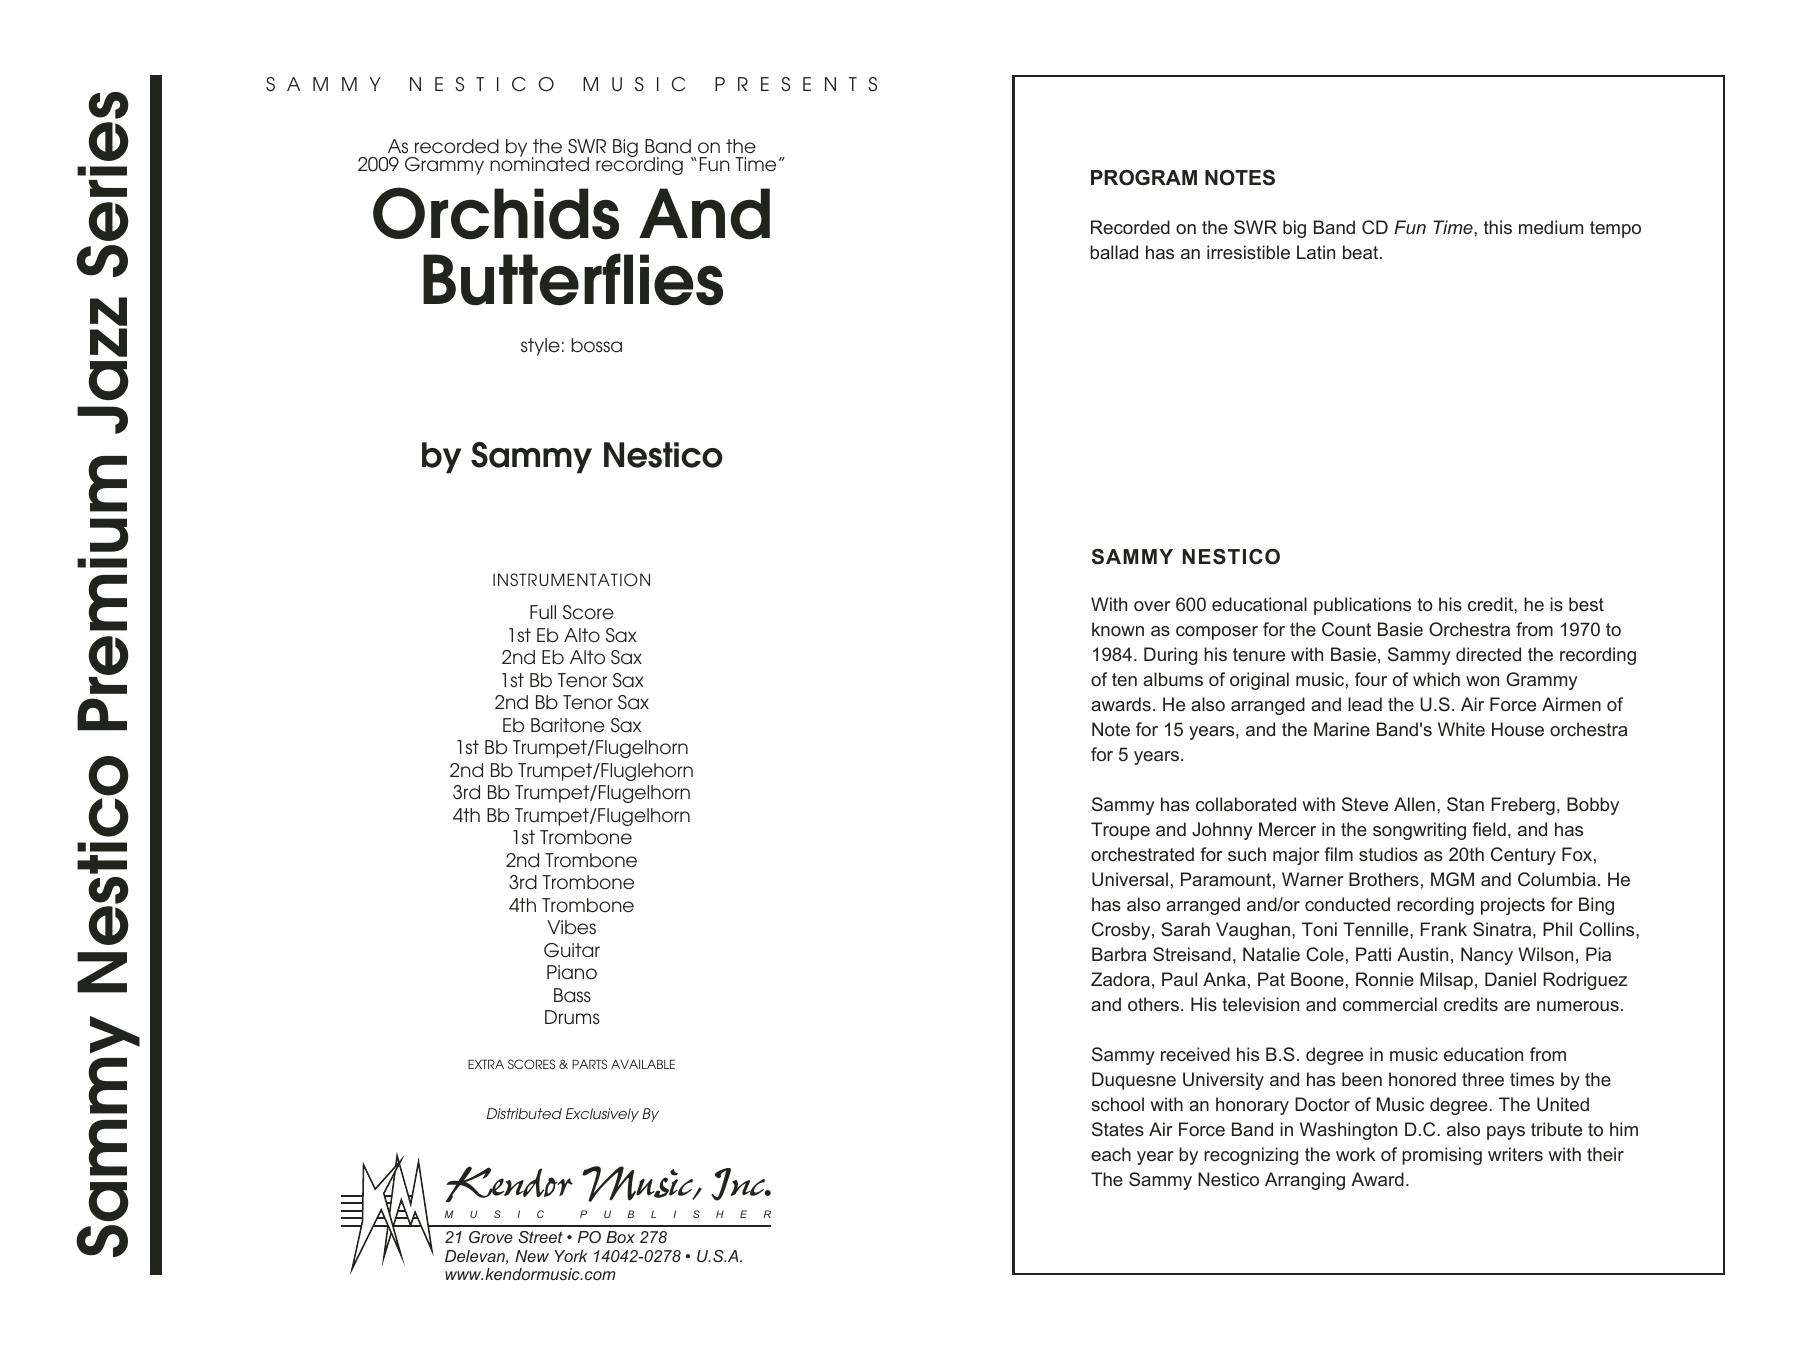 Orchids And Butterflies - Full Score Sheet Music